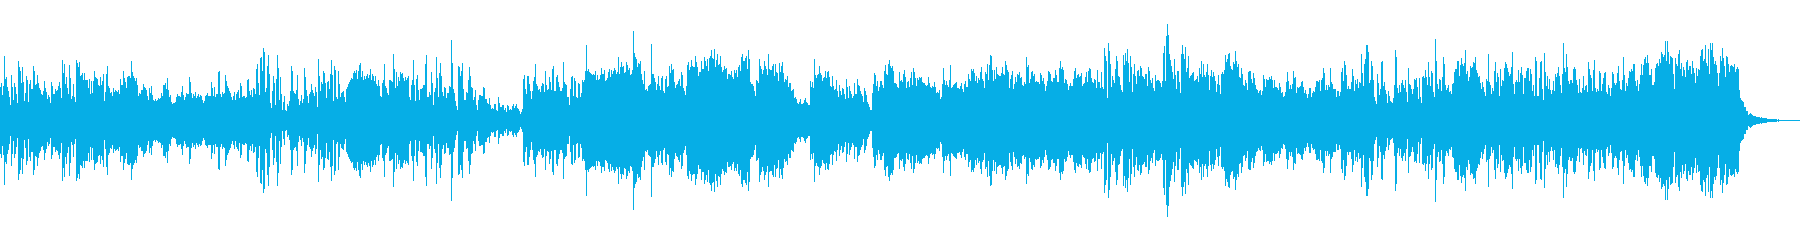 軽快なフルートによる「猫」っぽい小曲の再生済みの波形